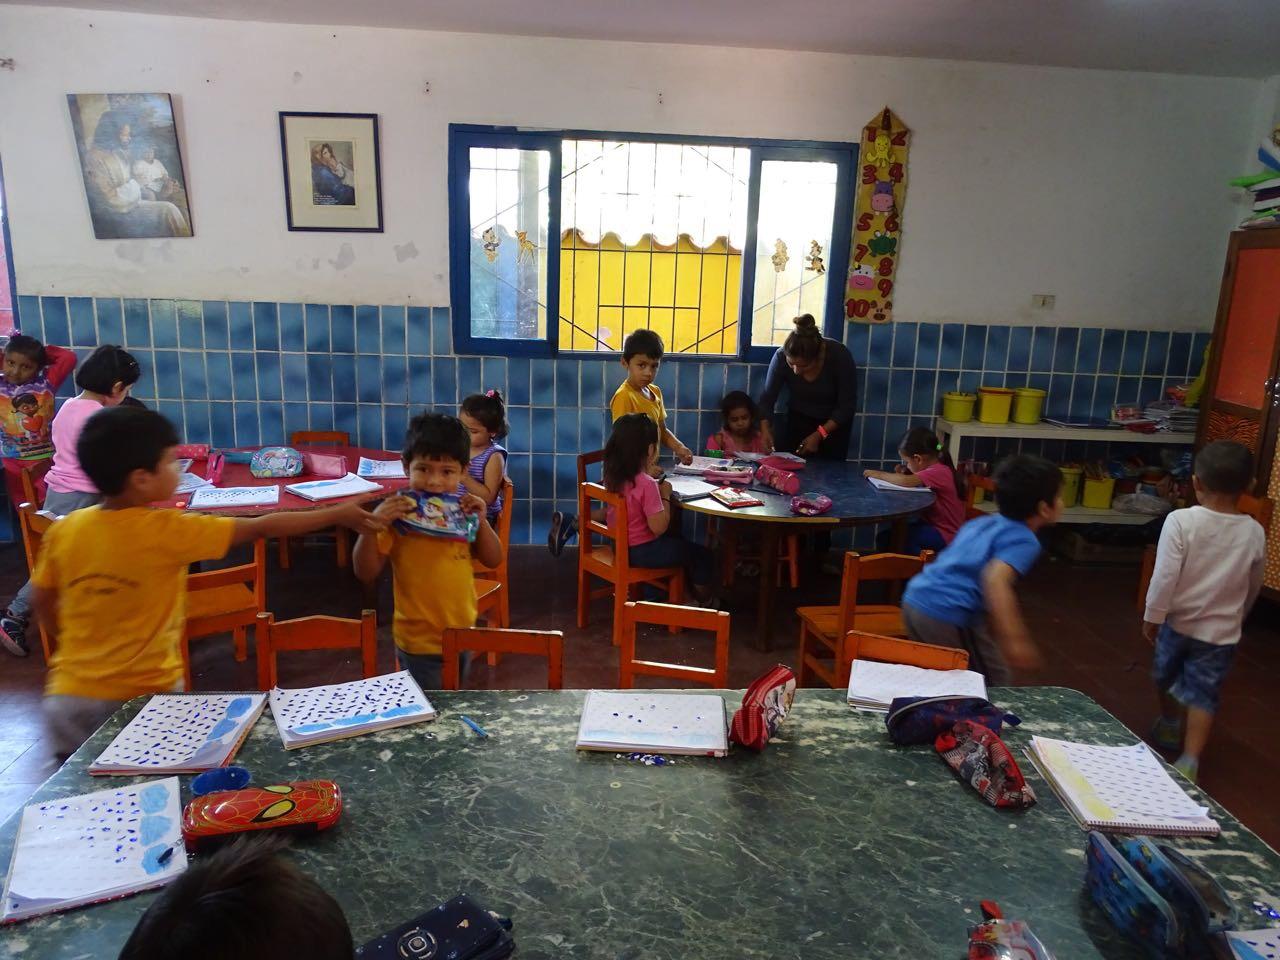 Klassenraum der Vorschule